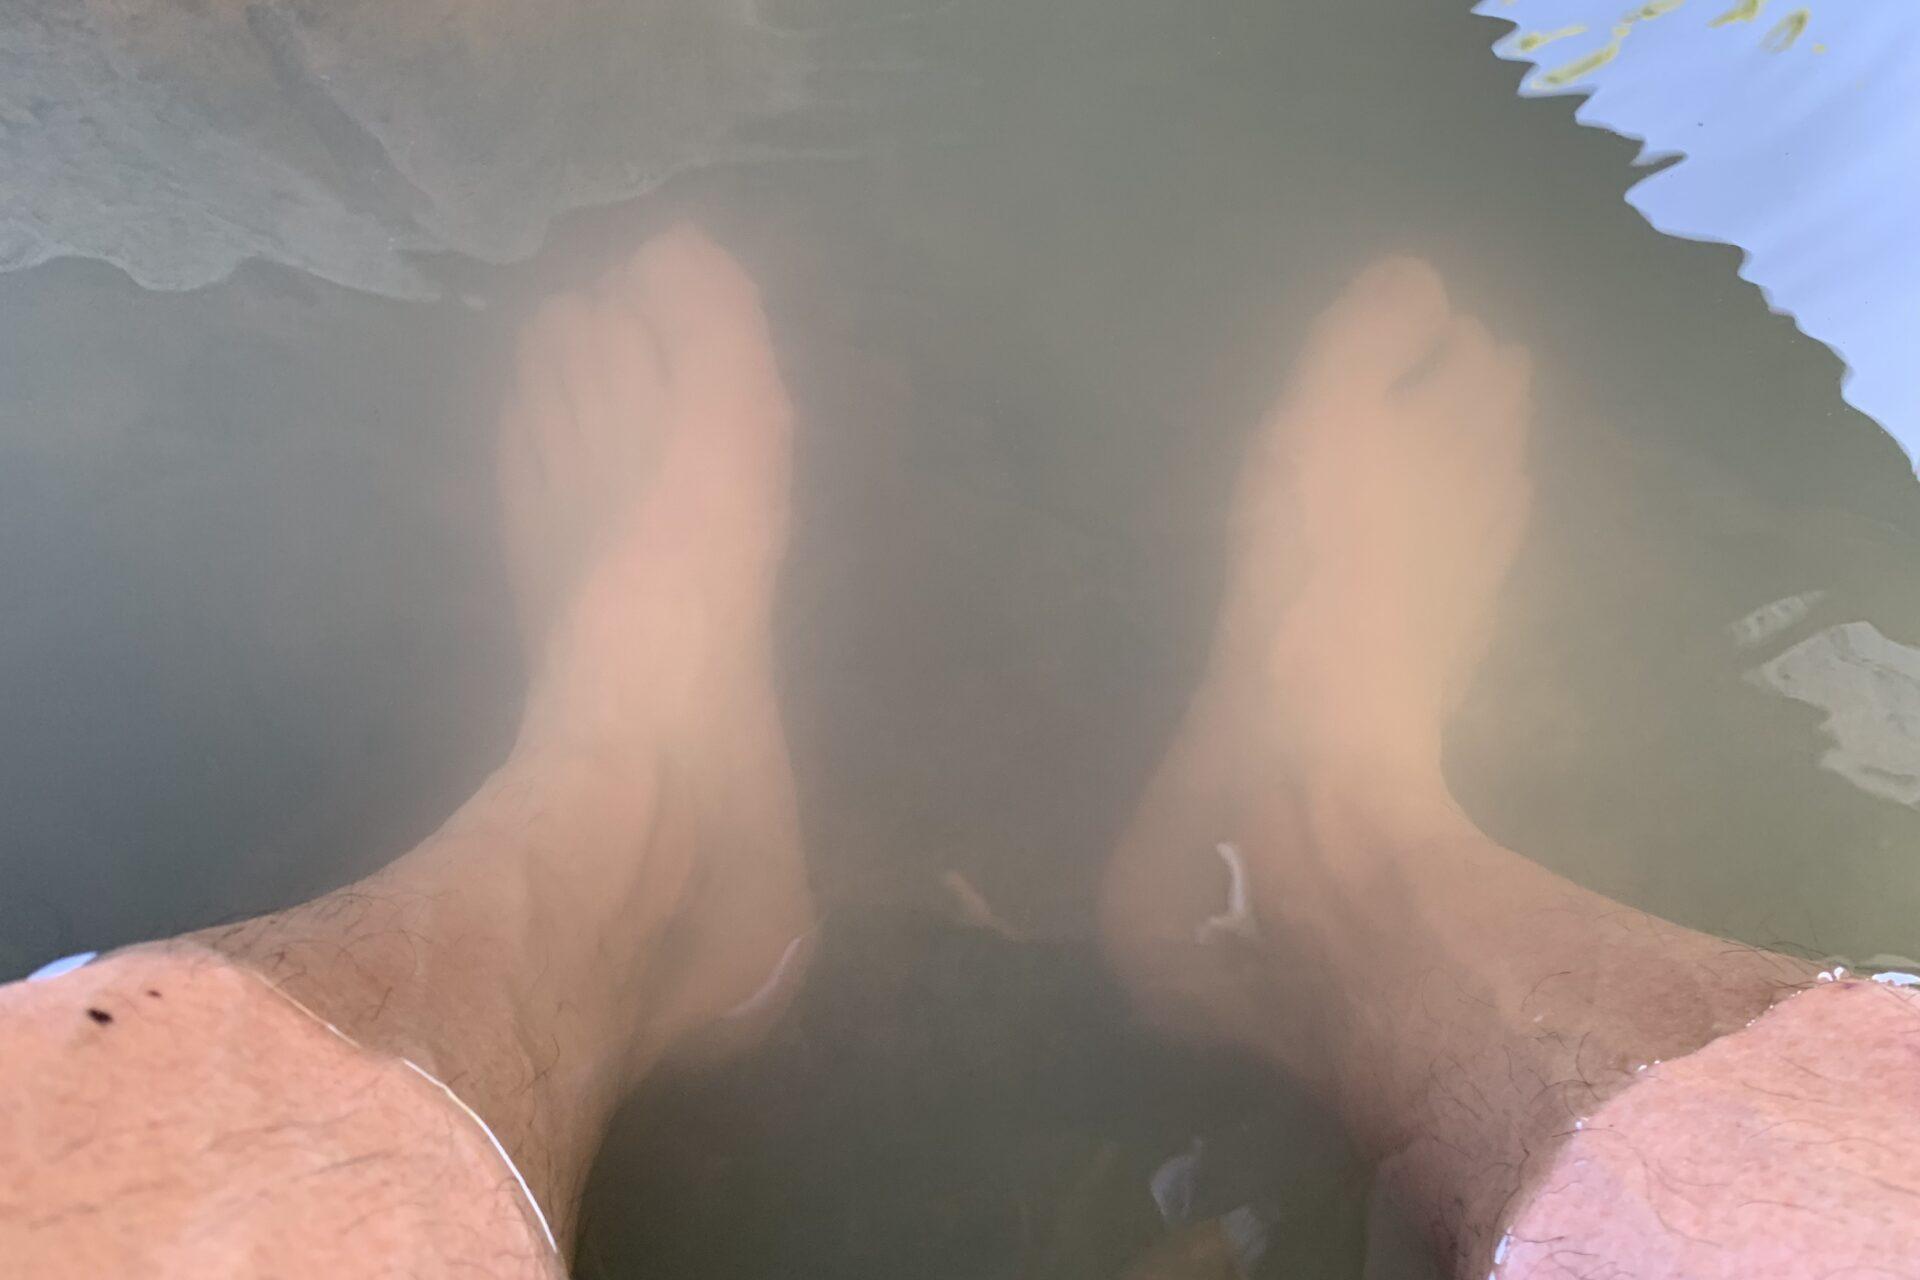 本命レース・洞爺湖マラソンが終わって5日経ったわけですが・・・